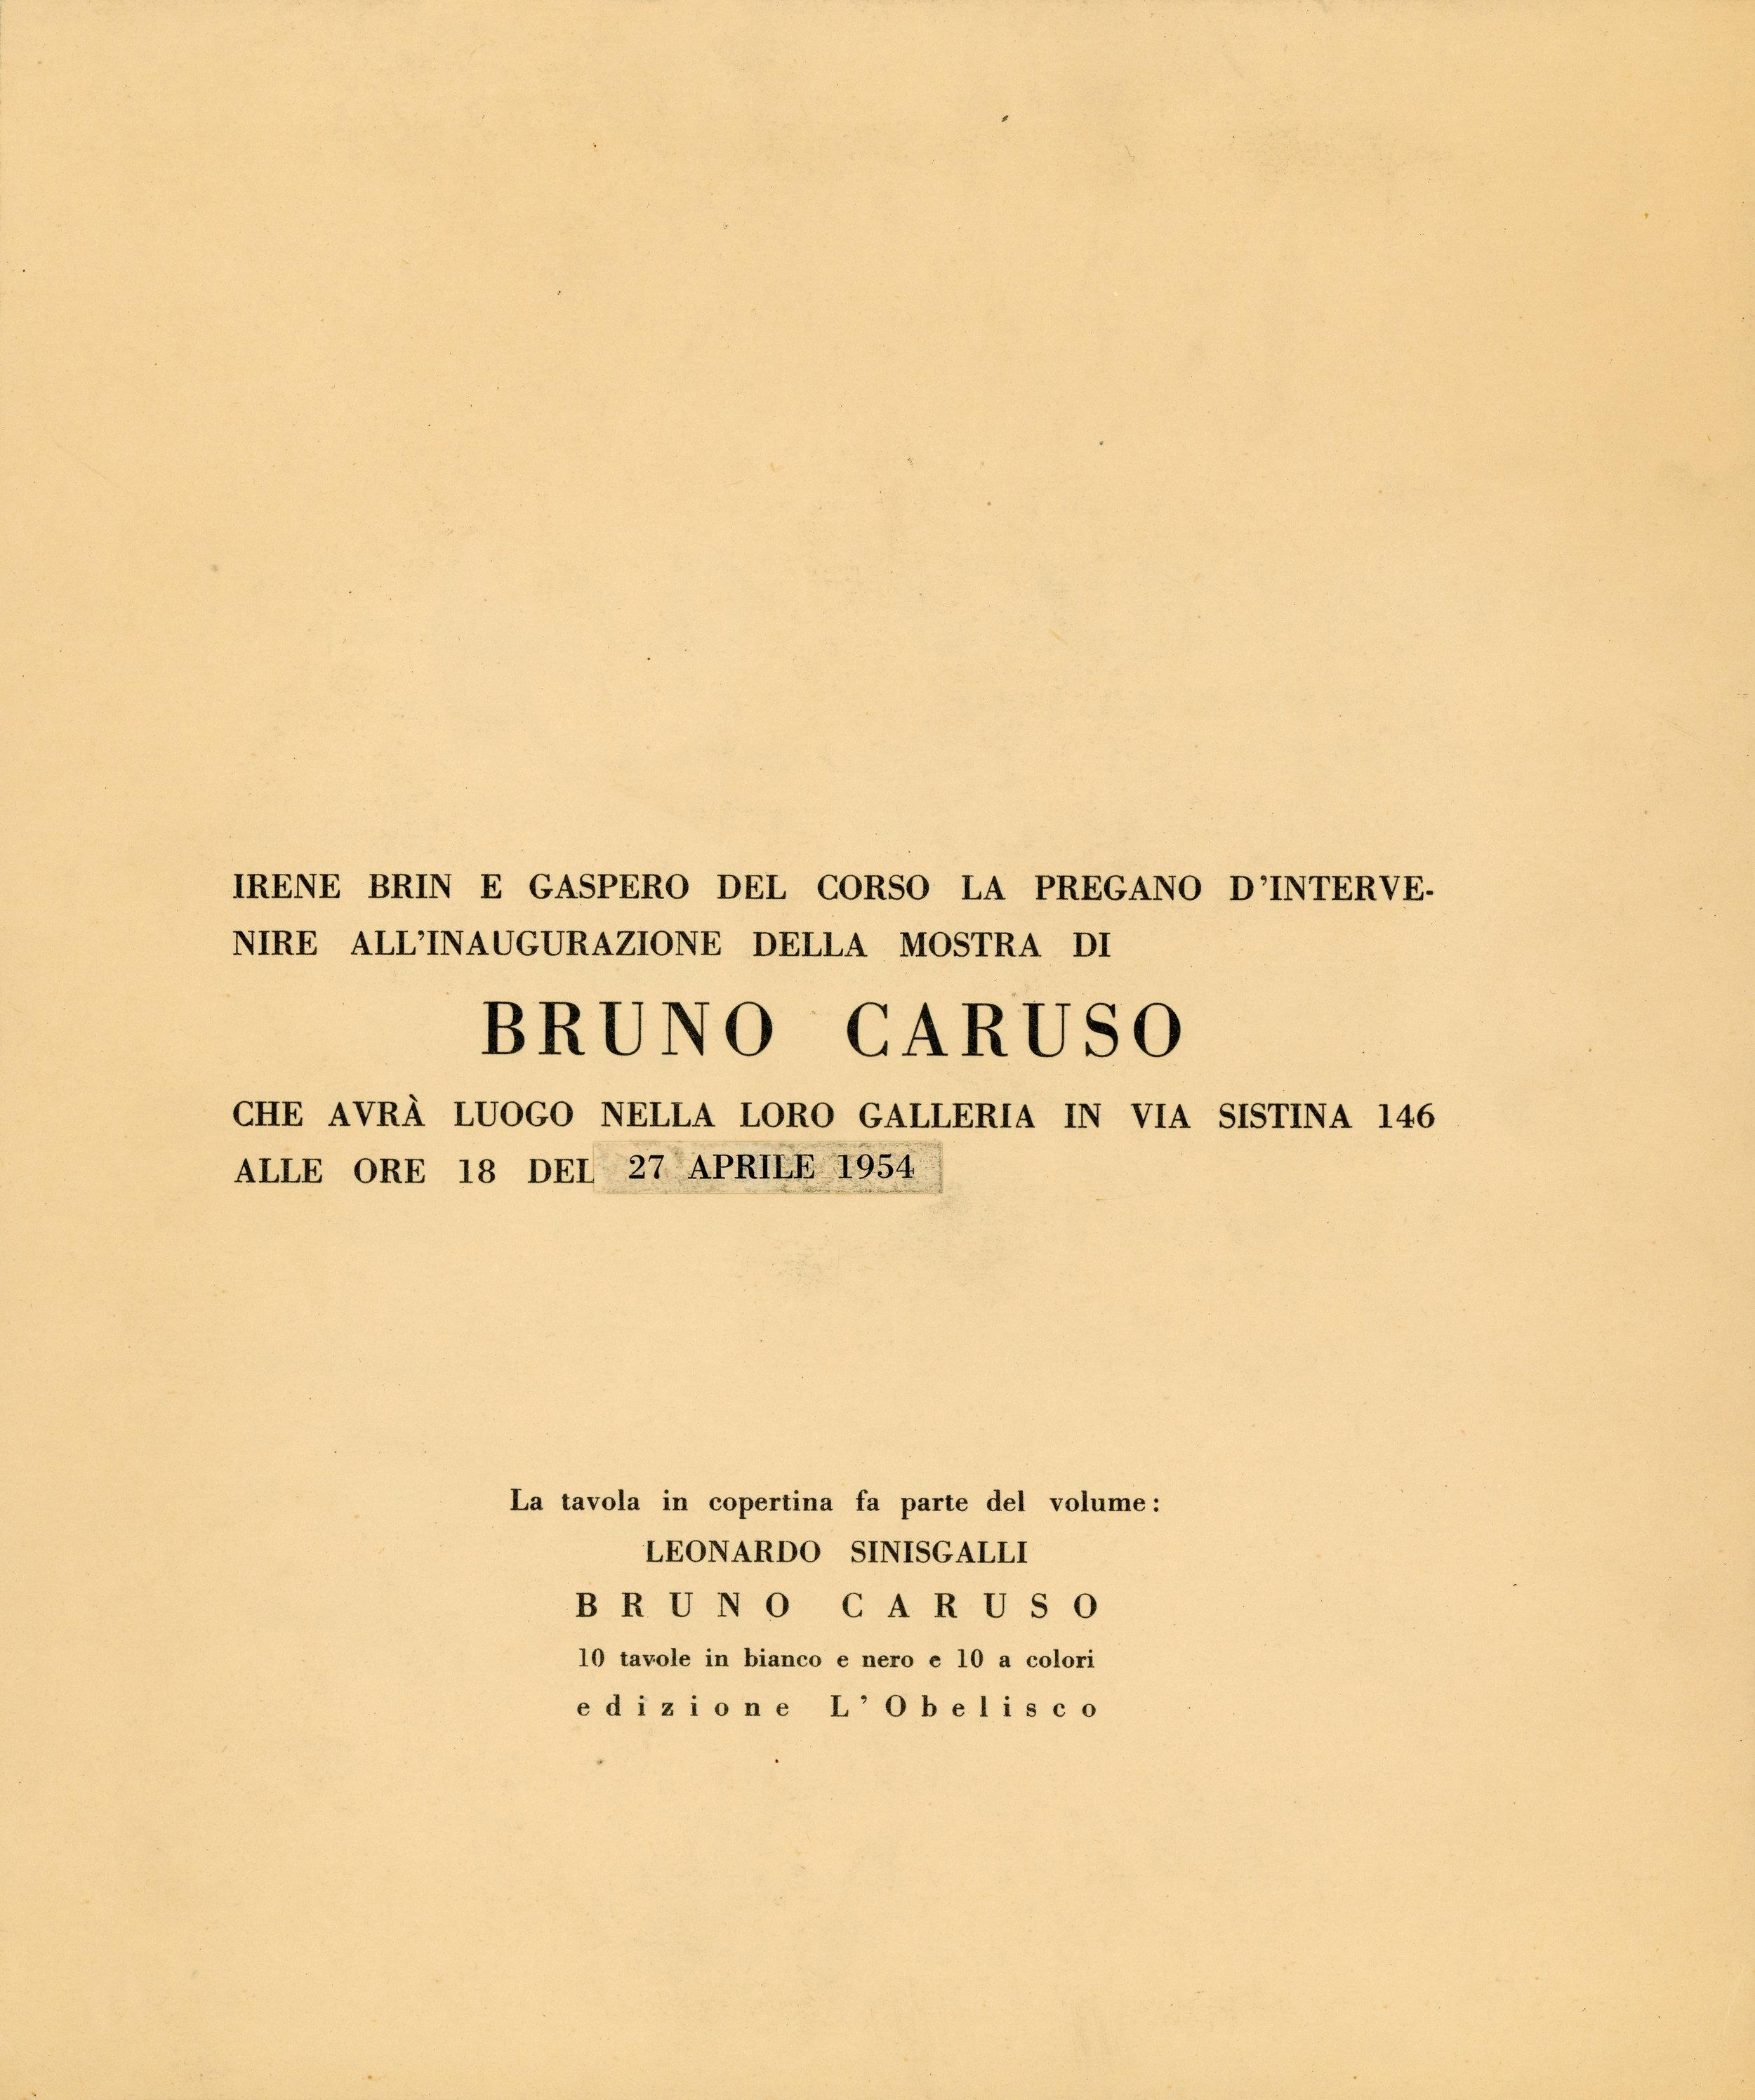 1954-04 L'Obelisco - Bruno Caruso_04.jpg